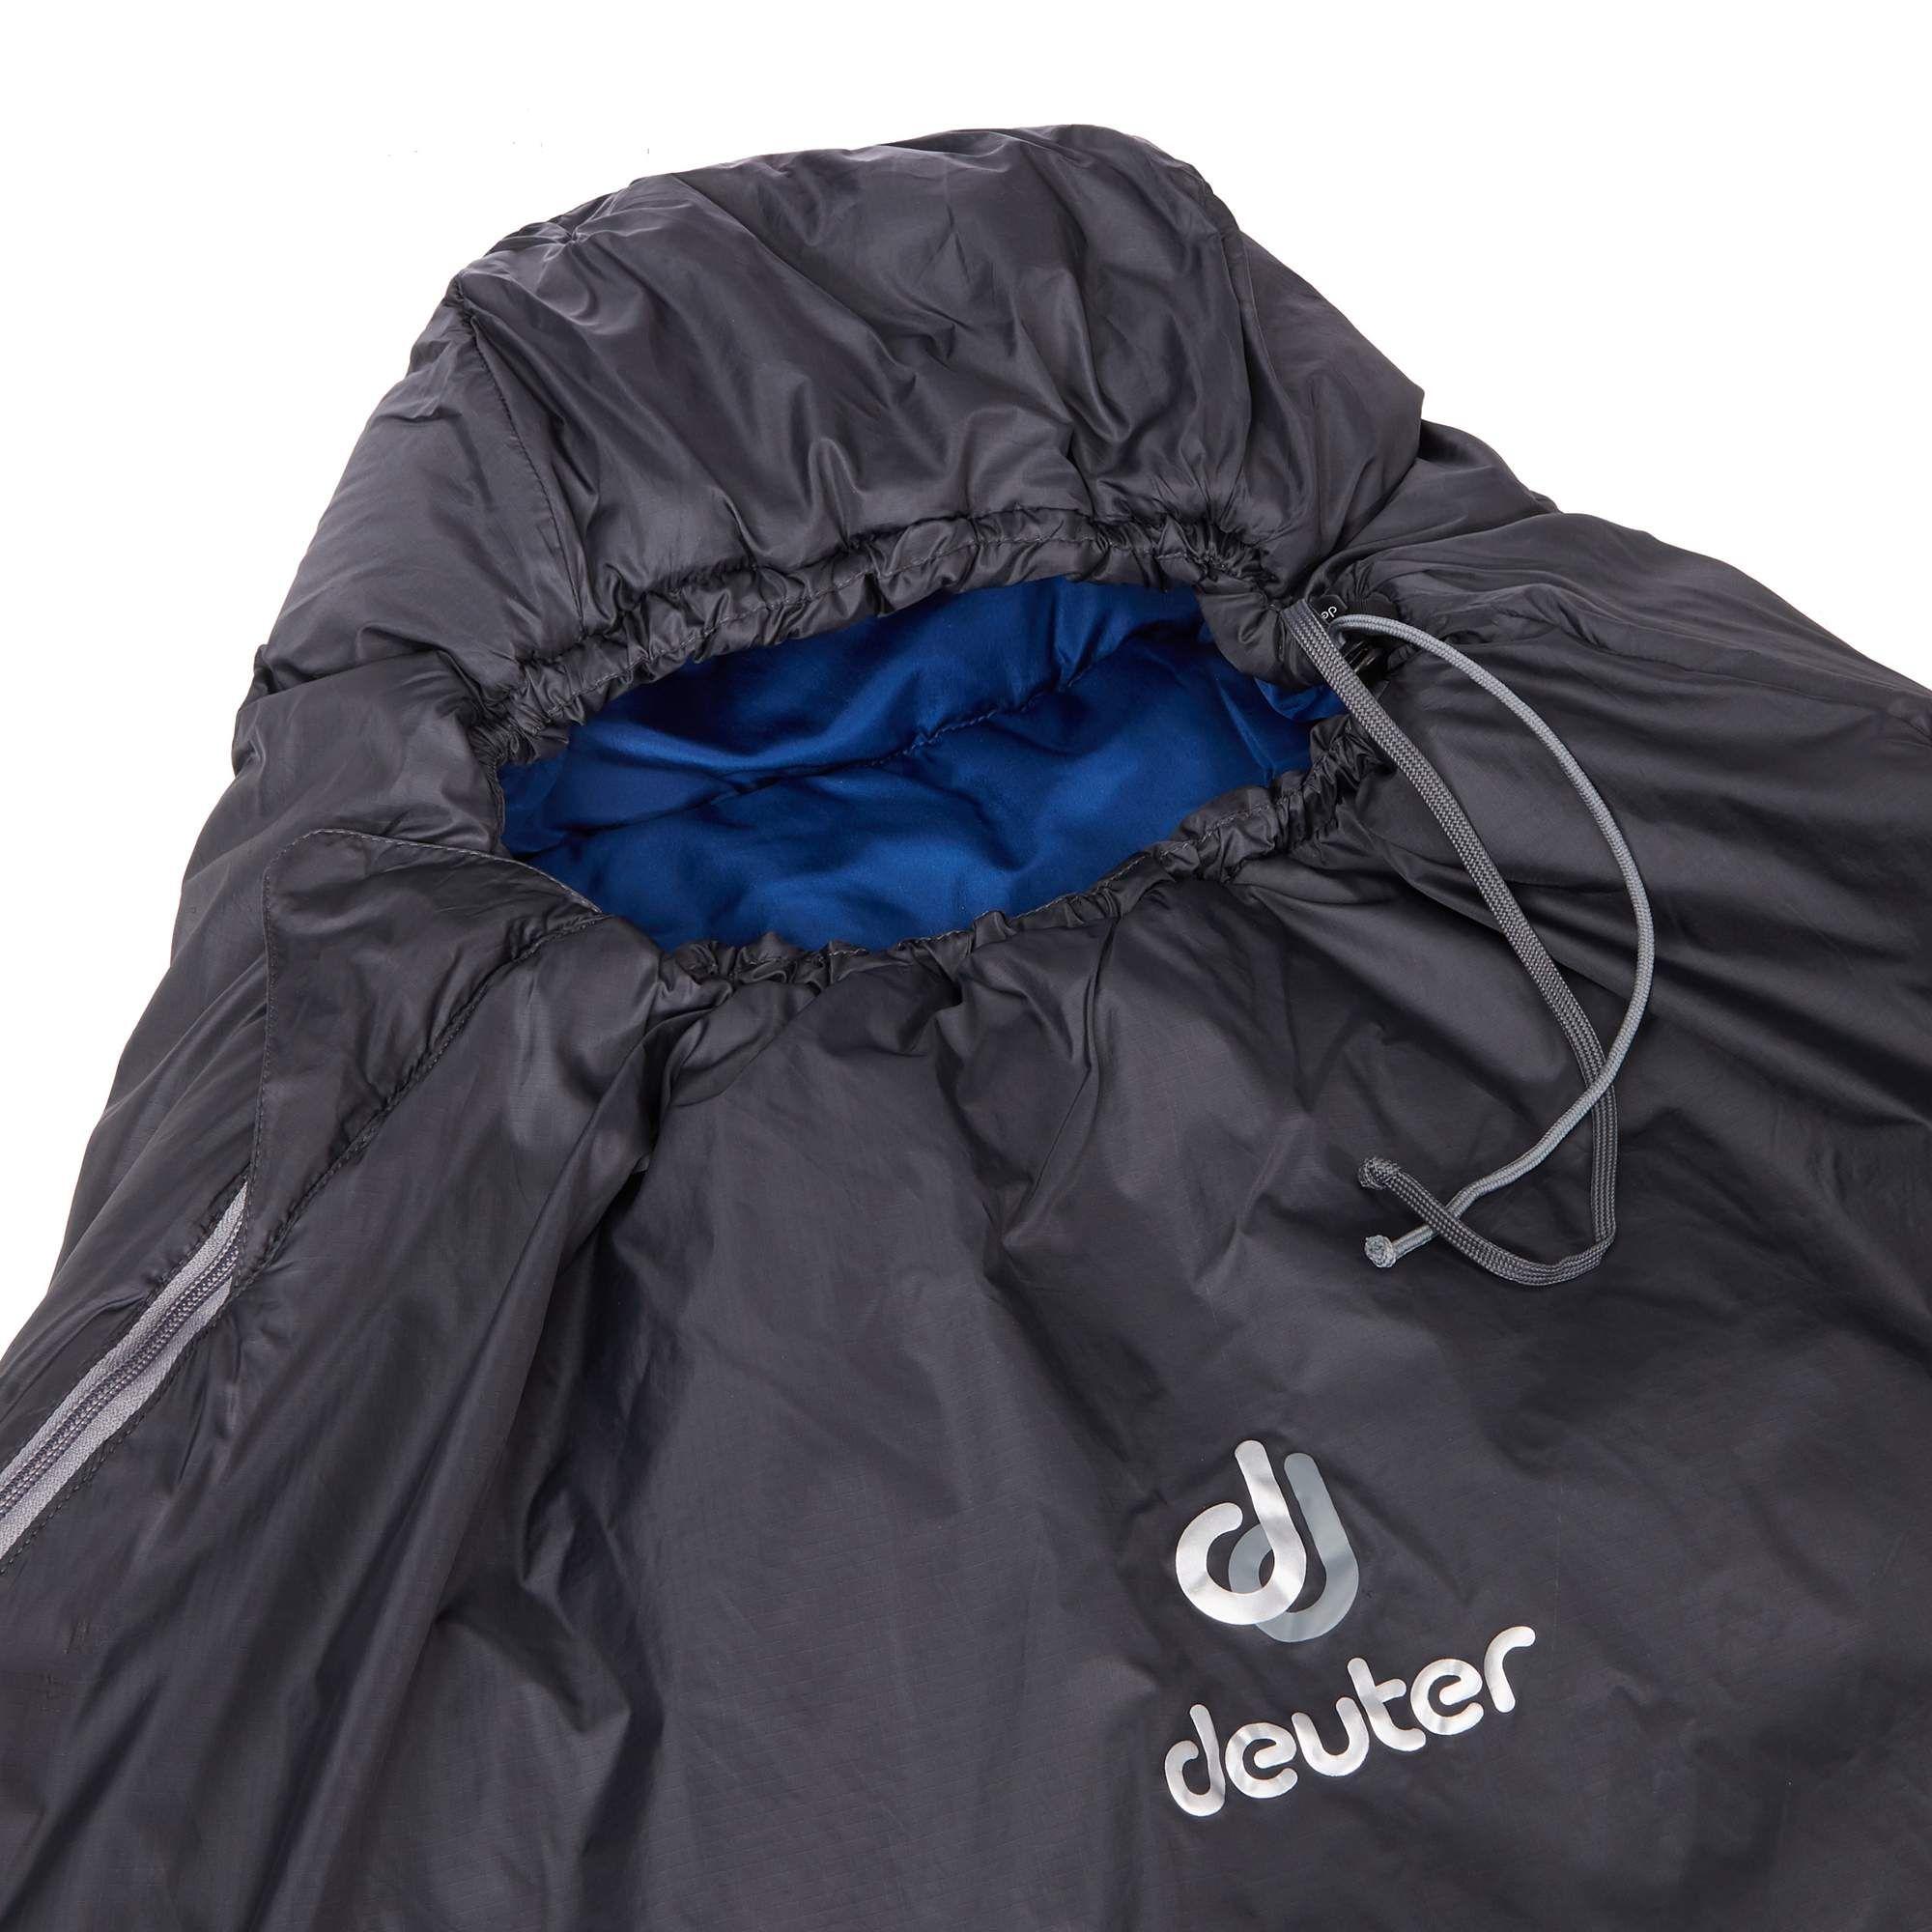 Спальный мешок Deuter Orbit +5° - фото 8